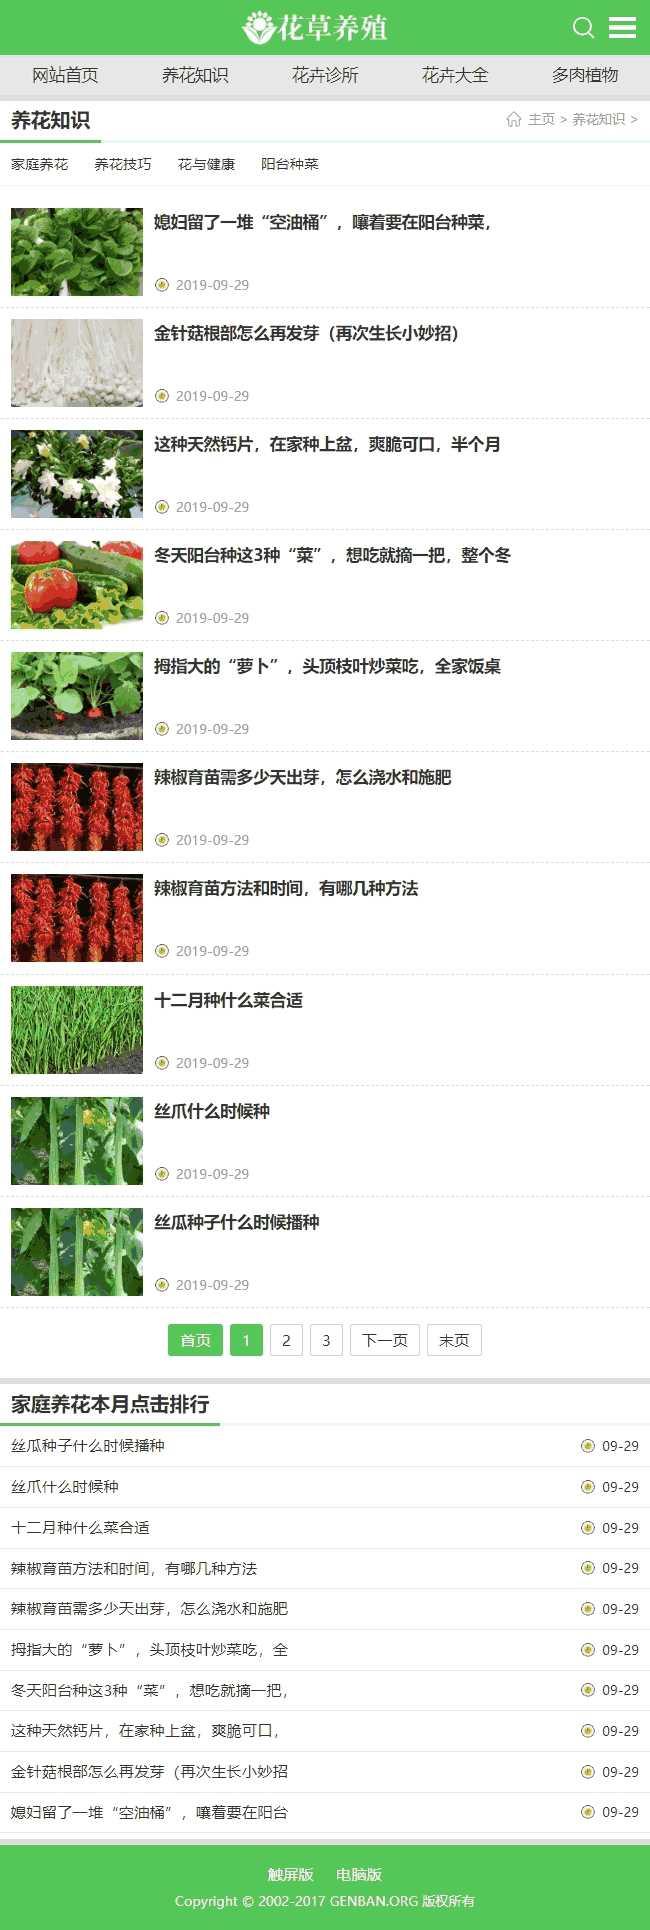 手机列表页